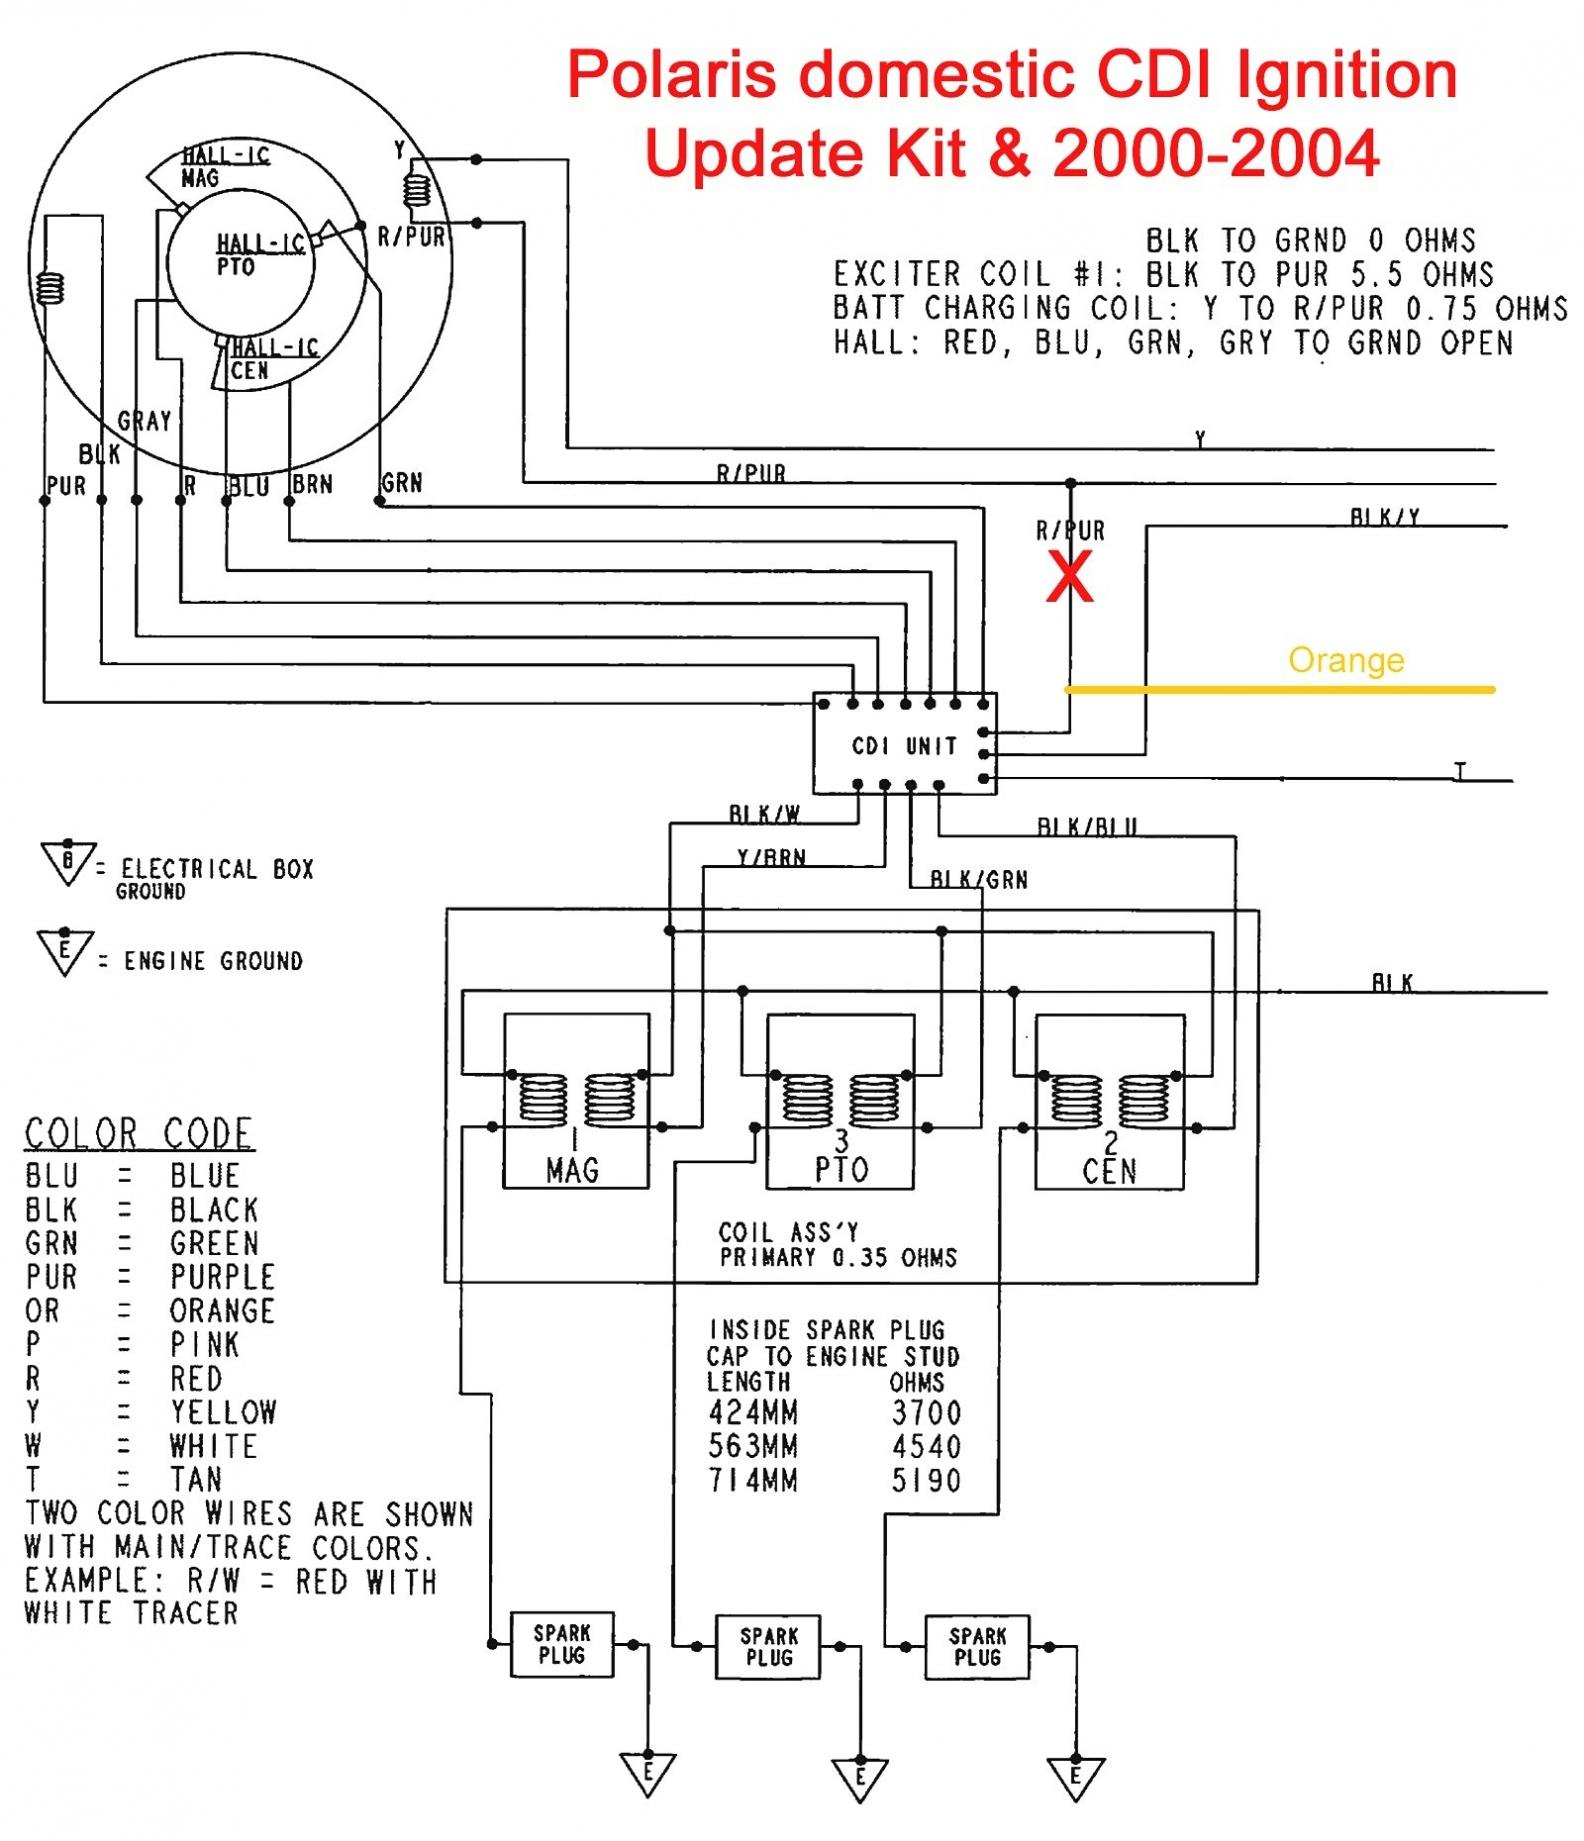 Western Plow Wiring Diagram Best Boss Plow Wiring Diagram New - Western Plow Wiring Diagram